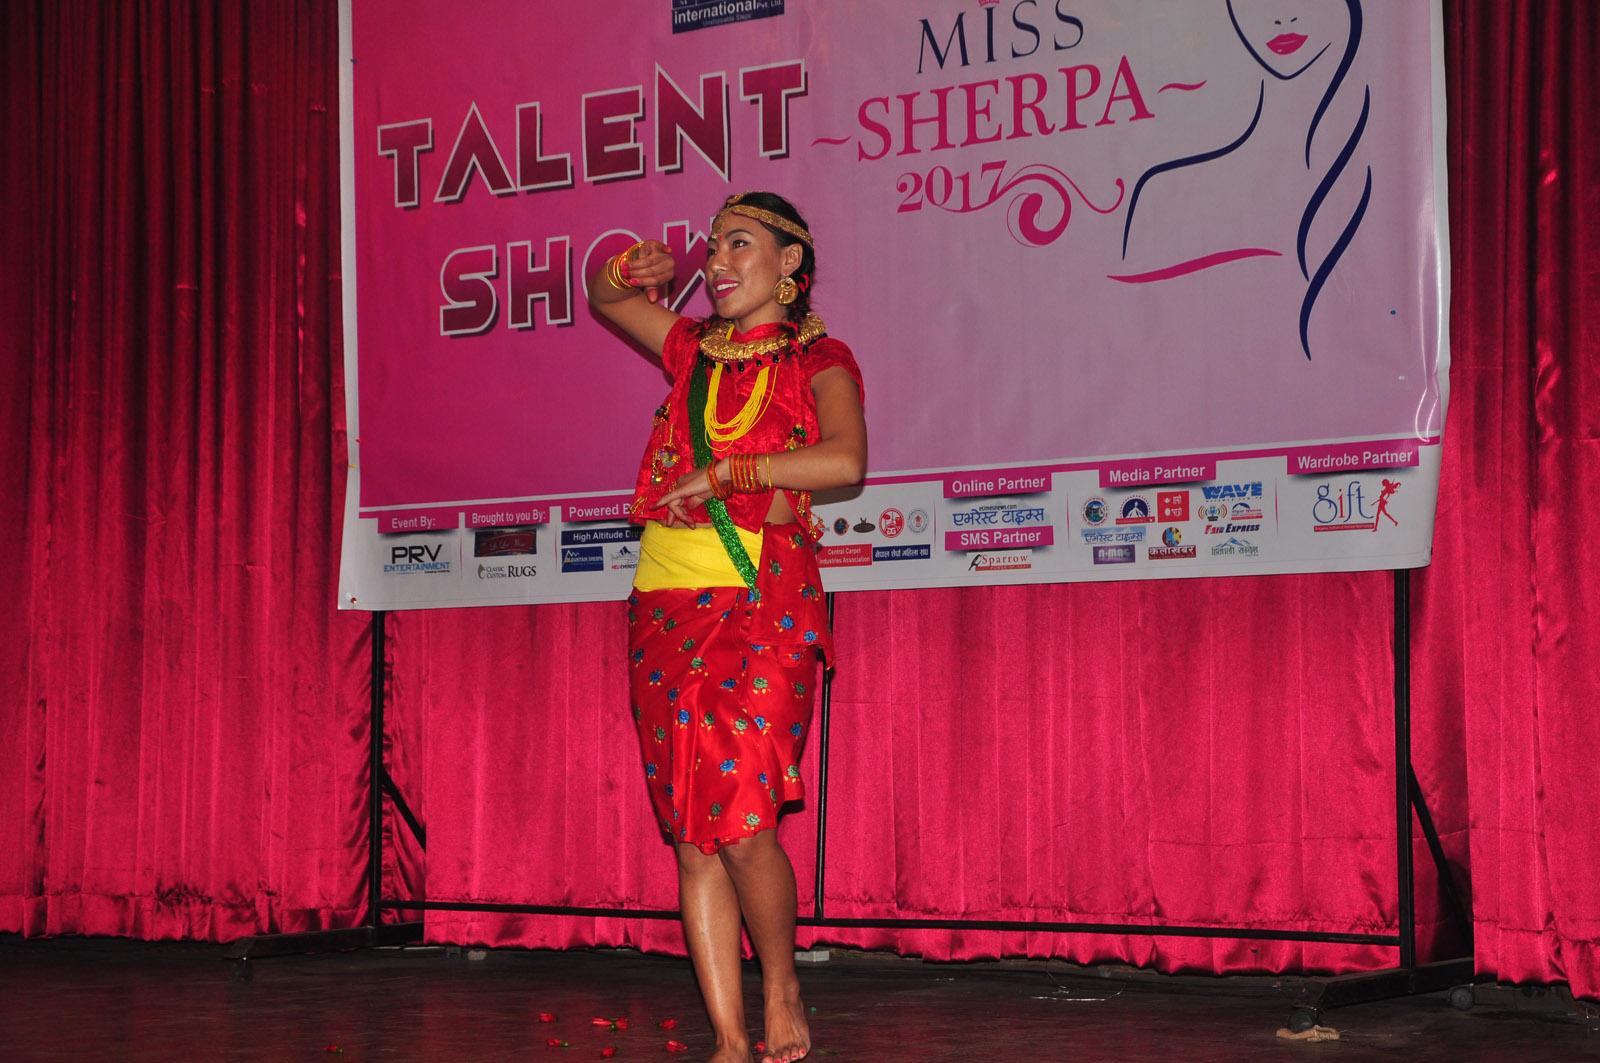 मिस शेर्पा २०१७ को पहिलो चरण सम्पन्न